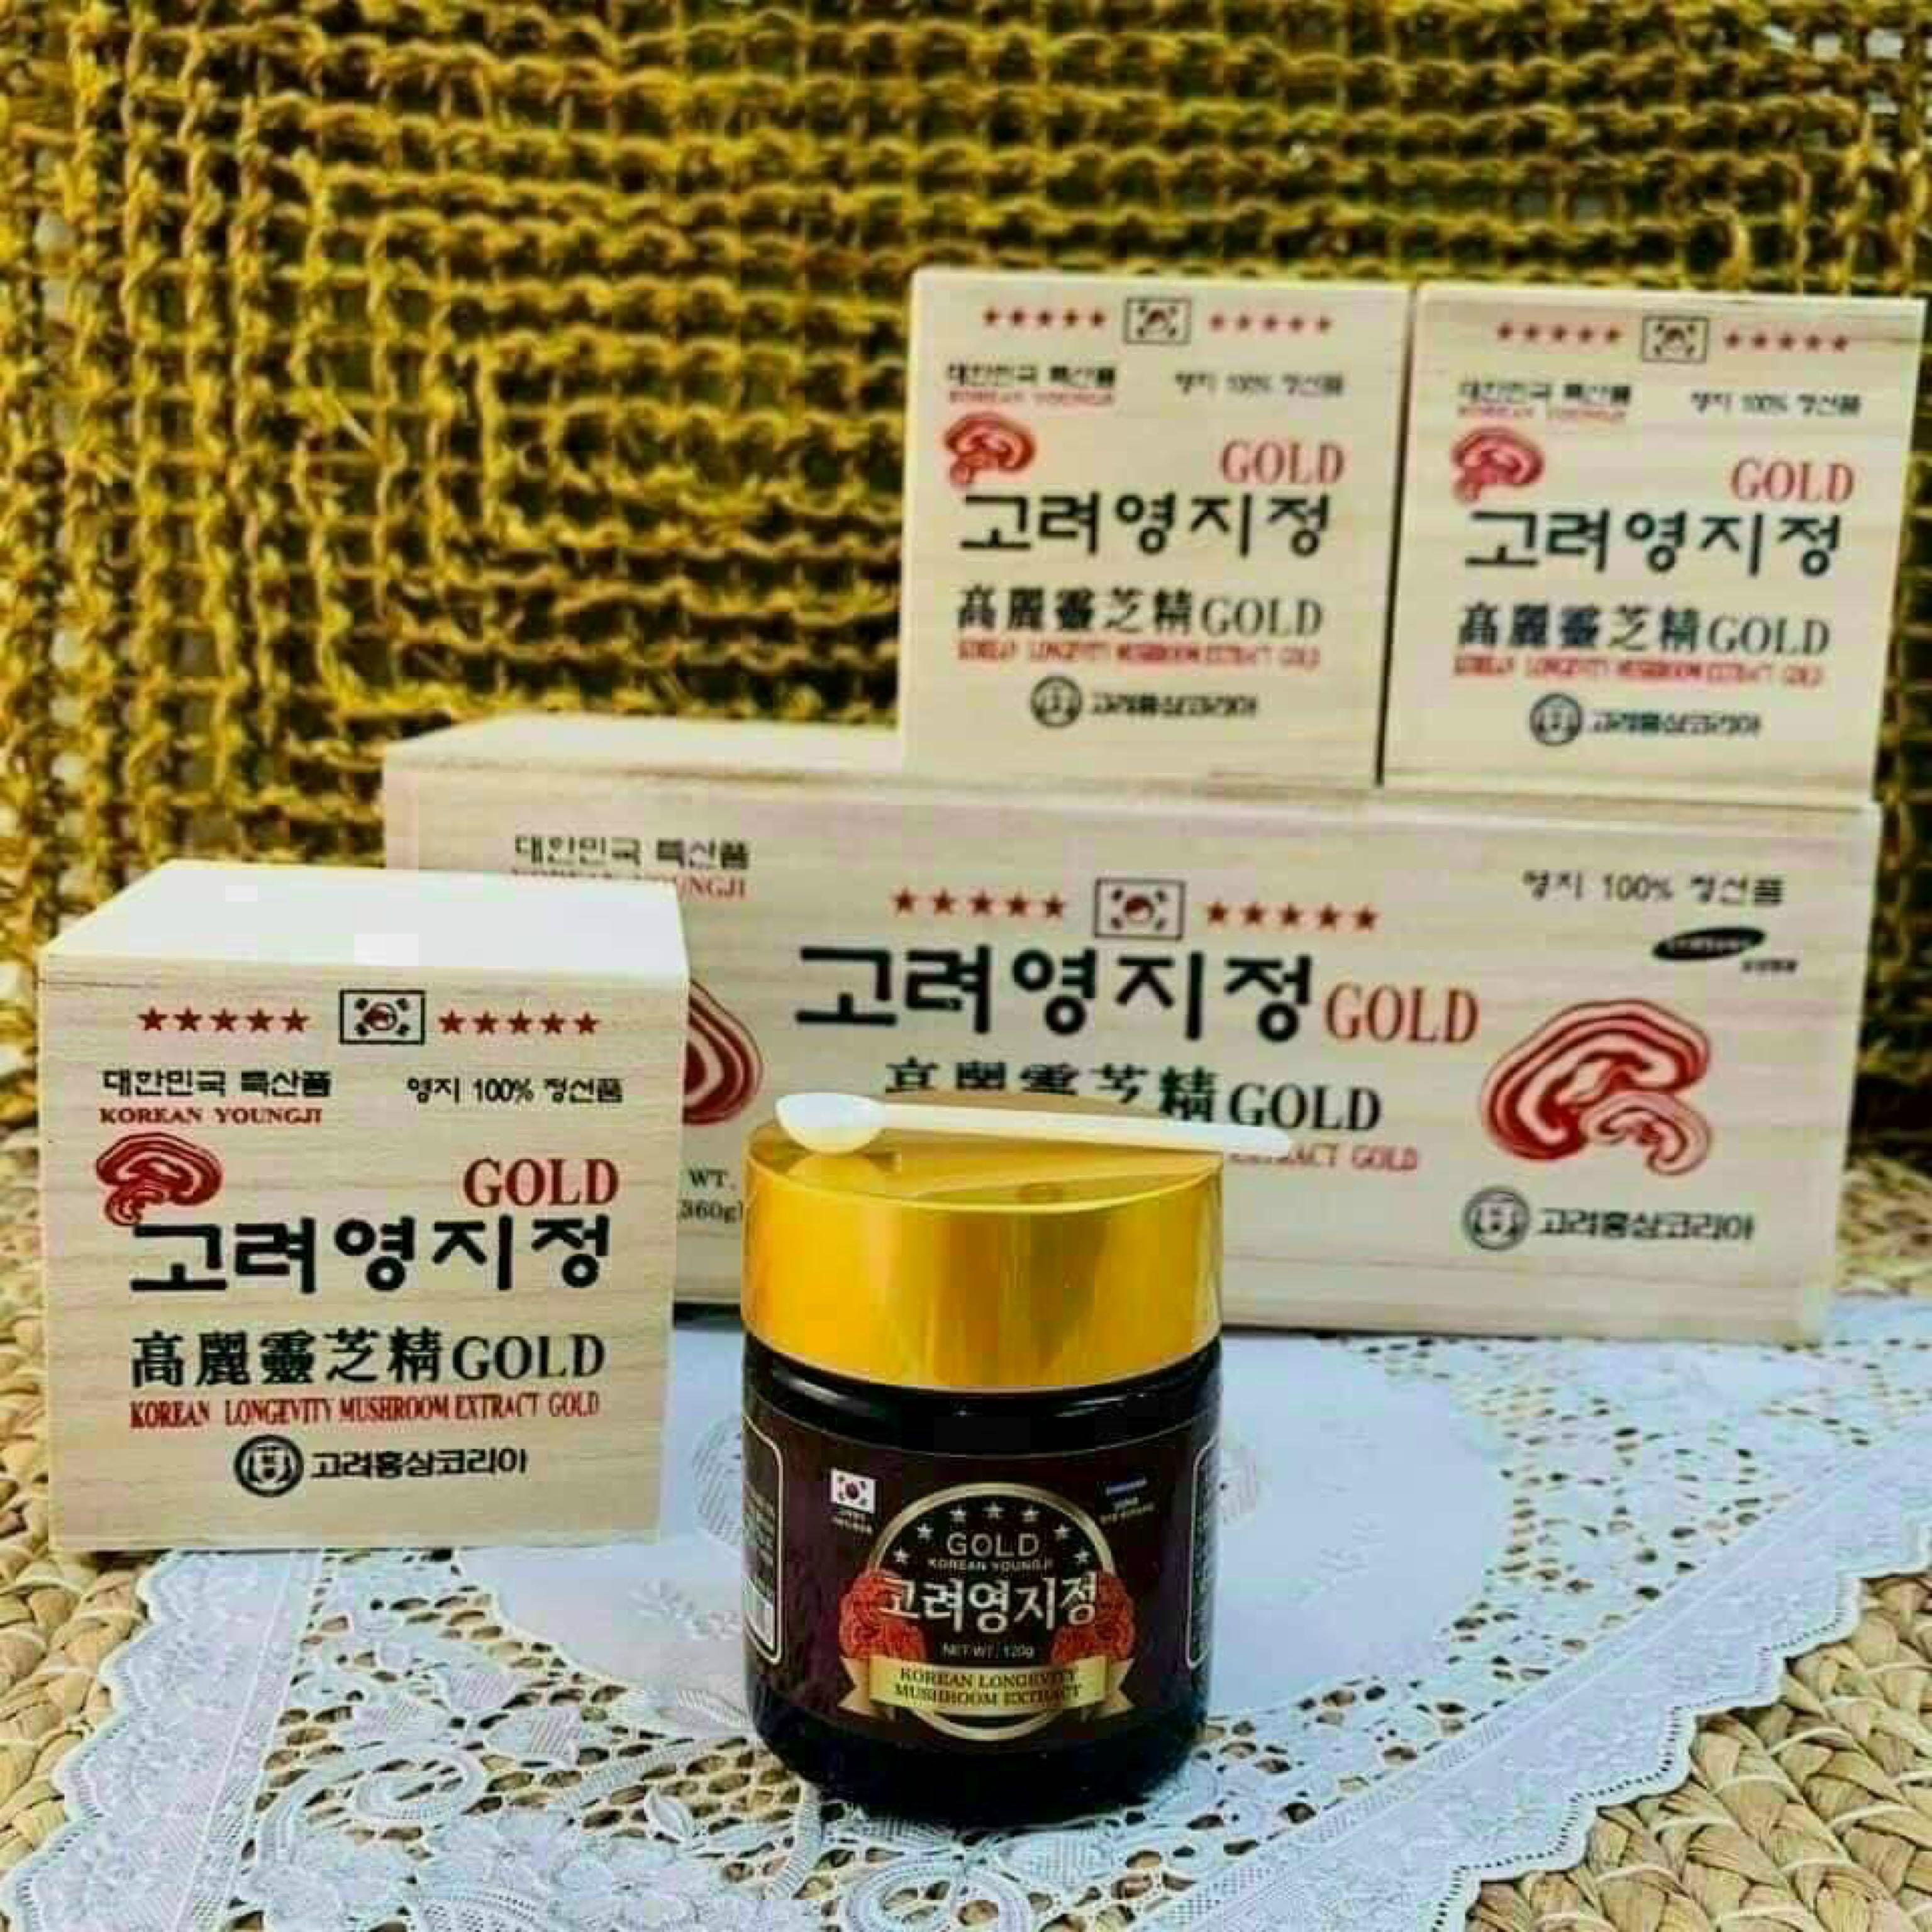 Cao linh chi hộp gỗ Hàn Quốc Gold